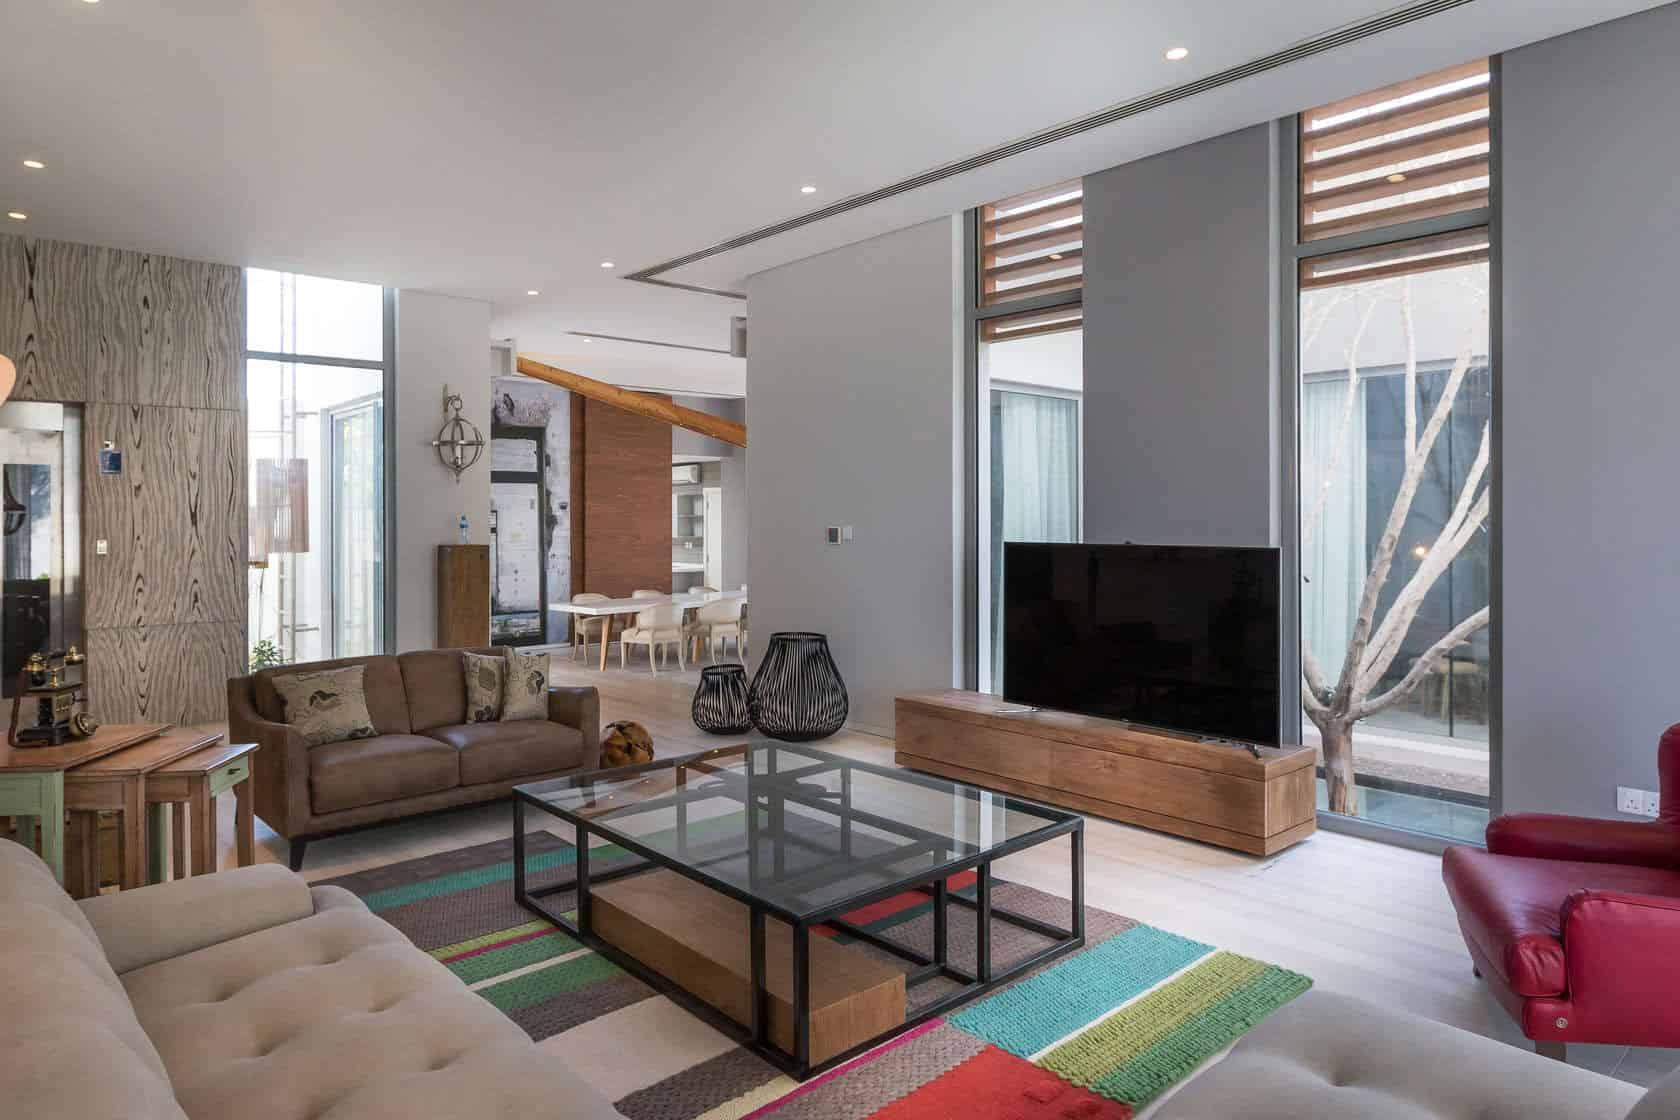 Salon Furniture Warehouse >> Amwaj Villa by Moriq Interiors and Design Consultants